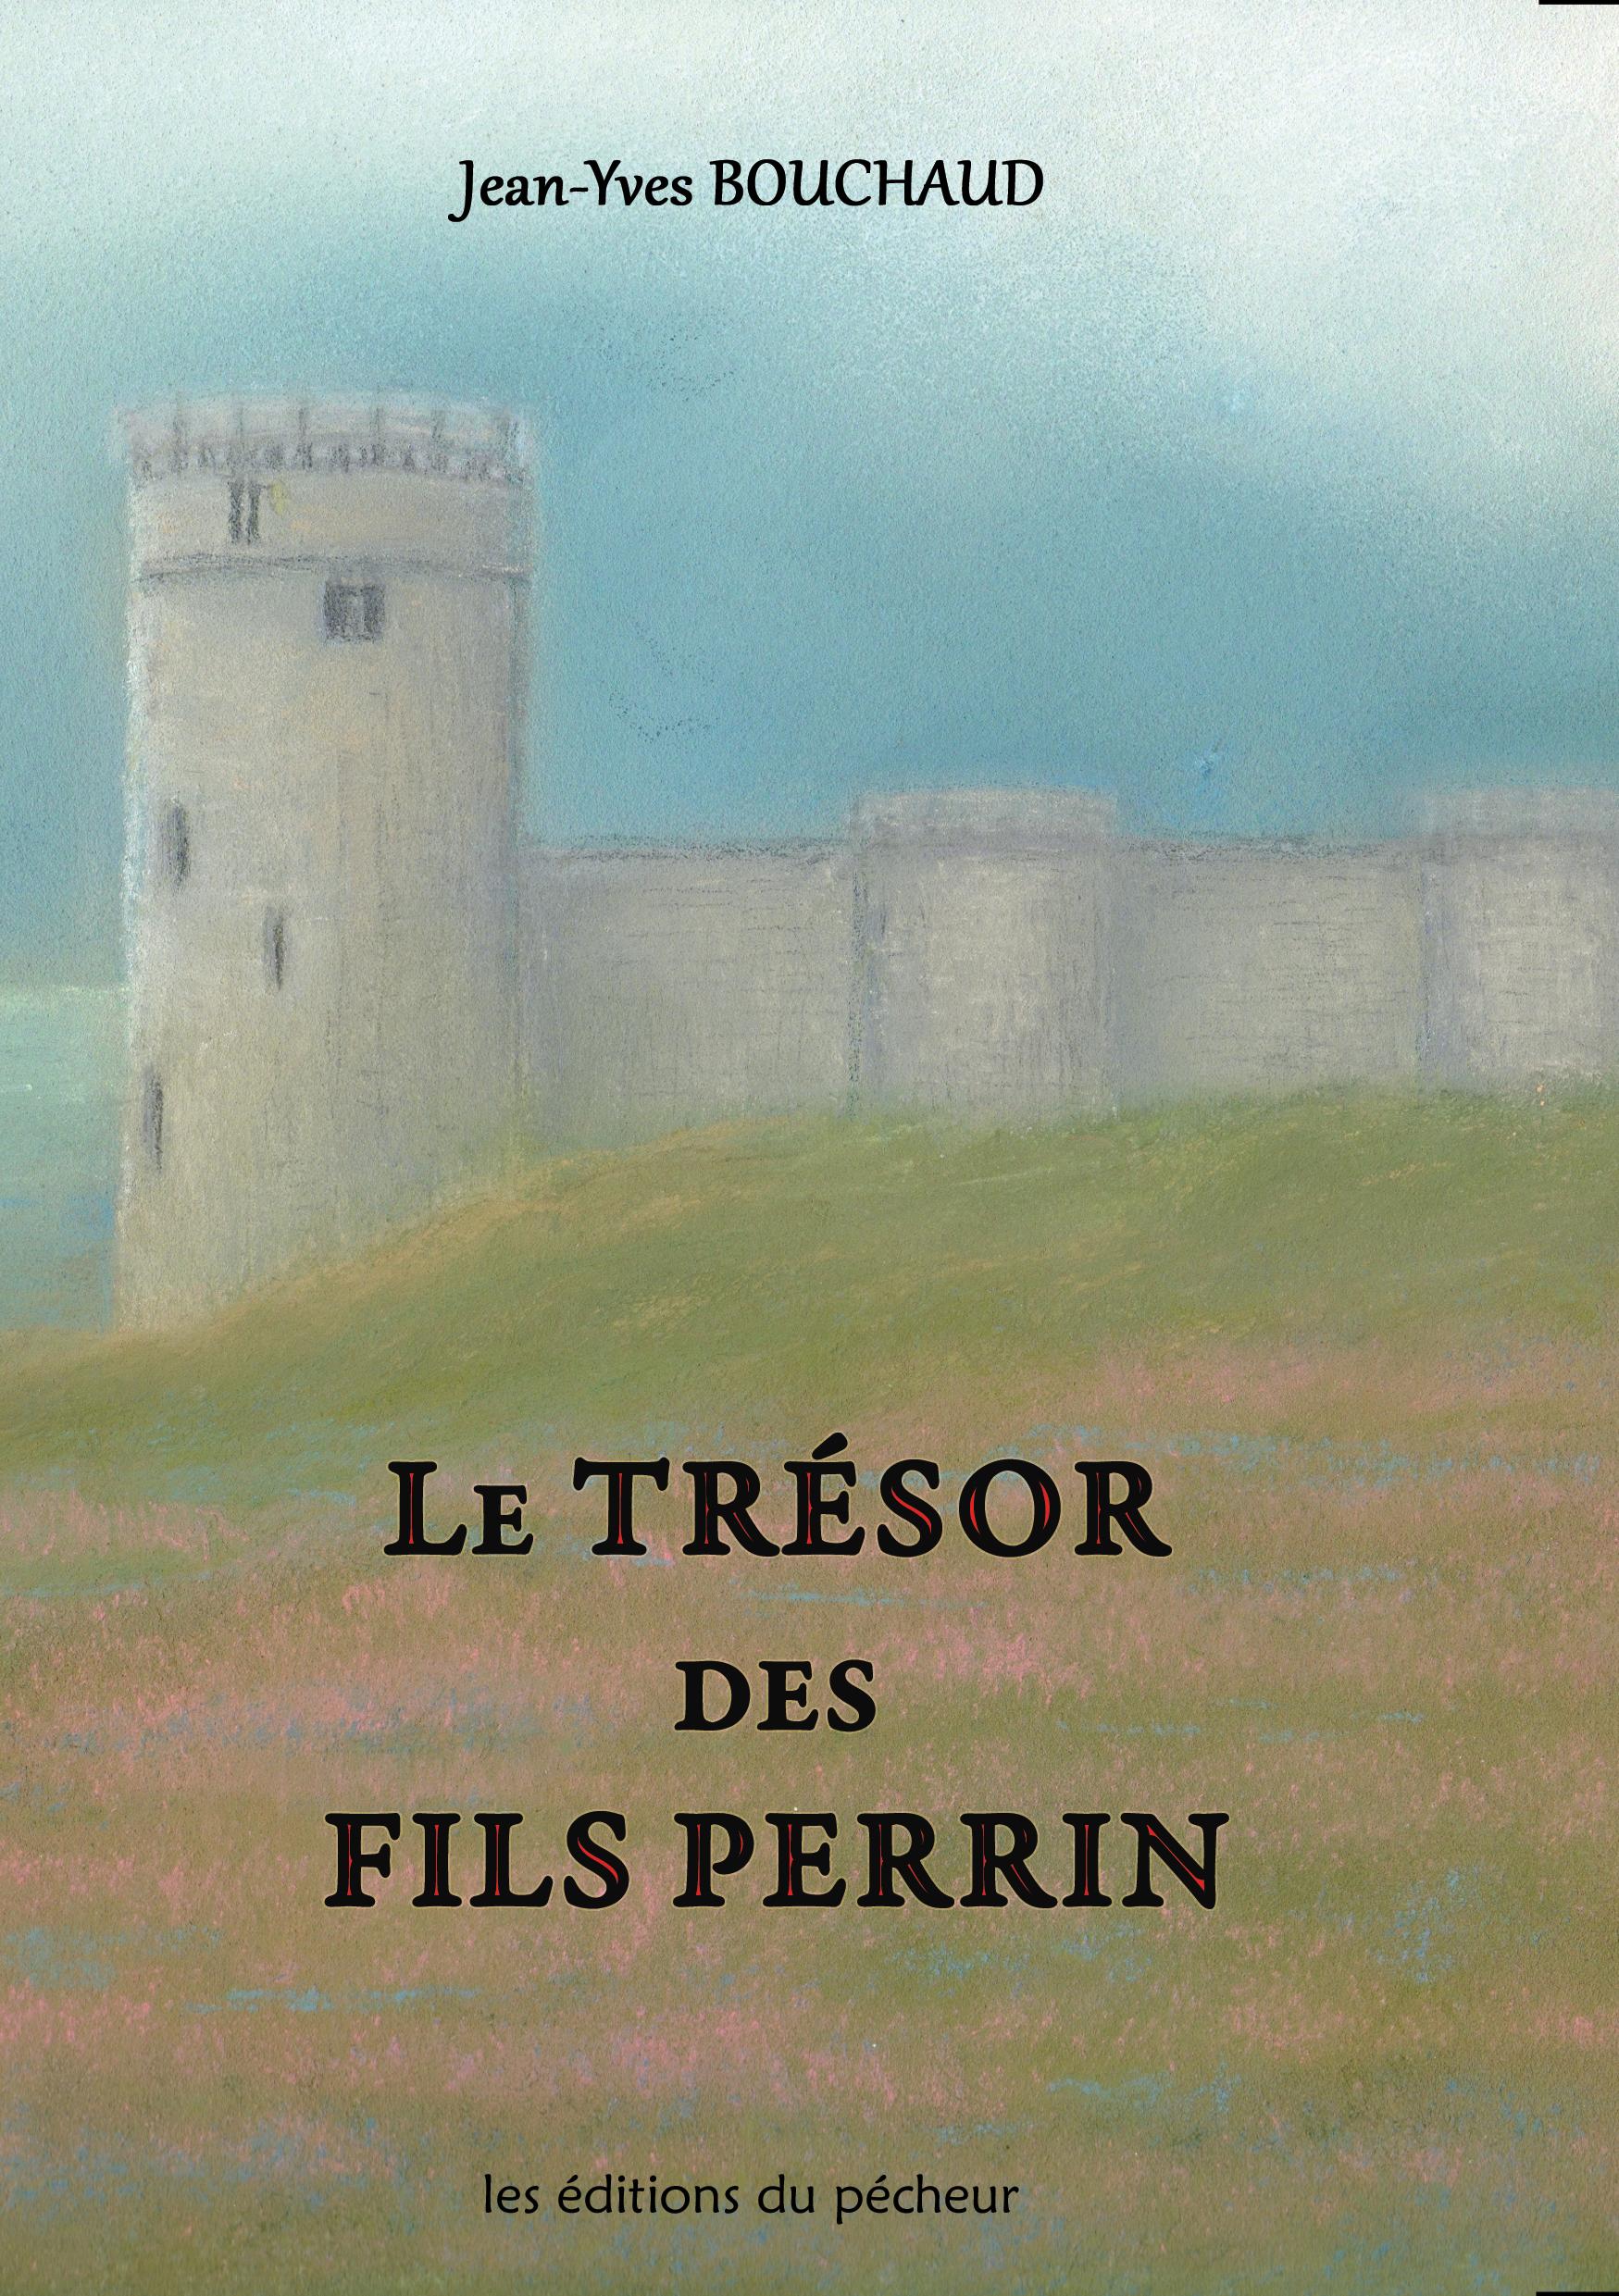 1ere Couv Le trésor des fils Perrin